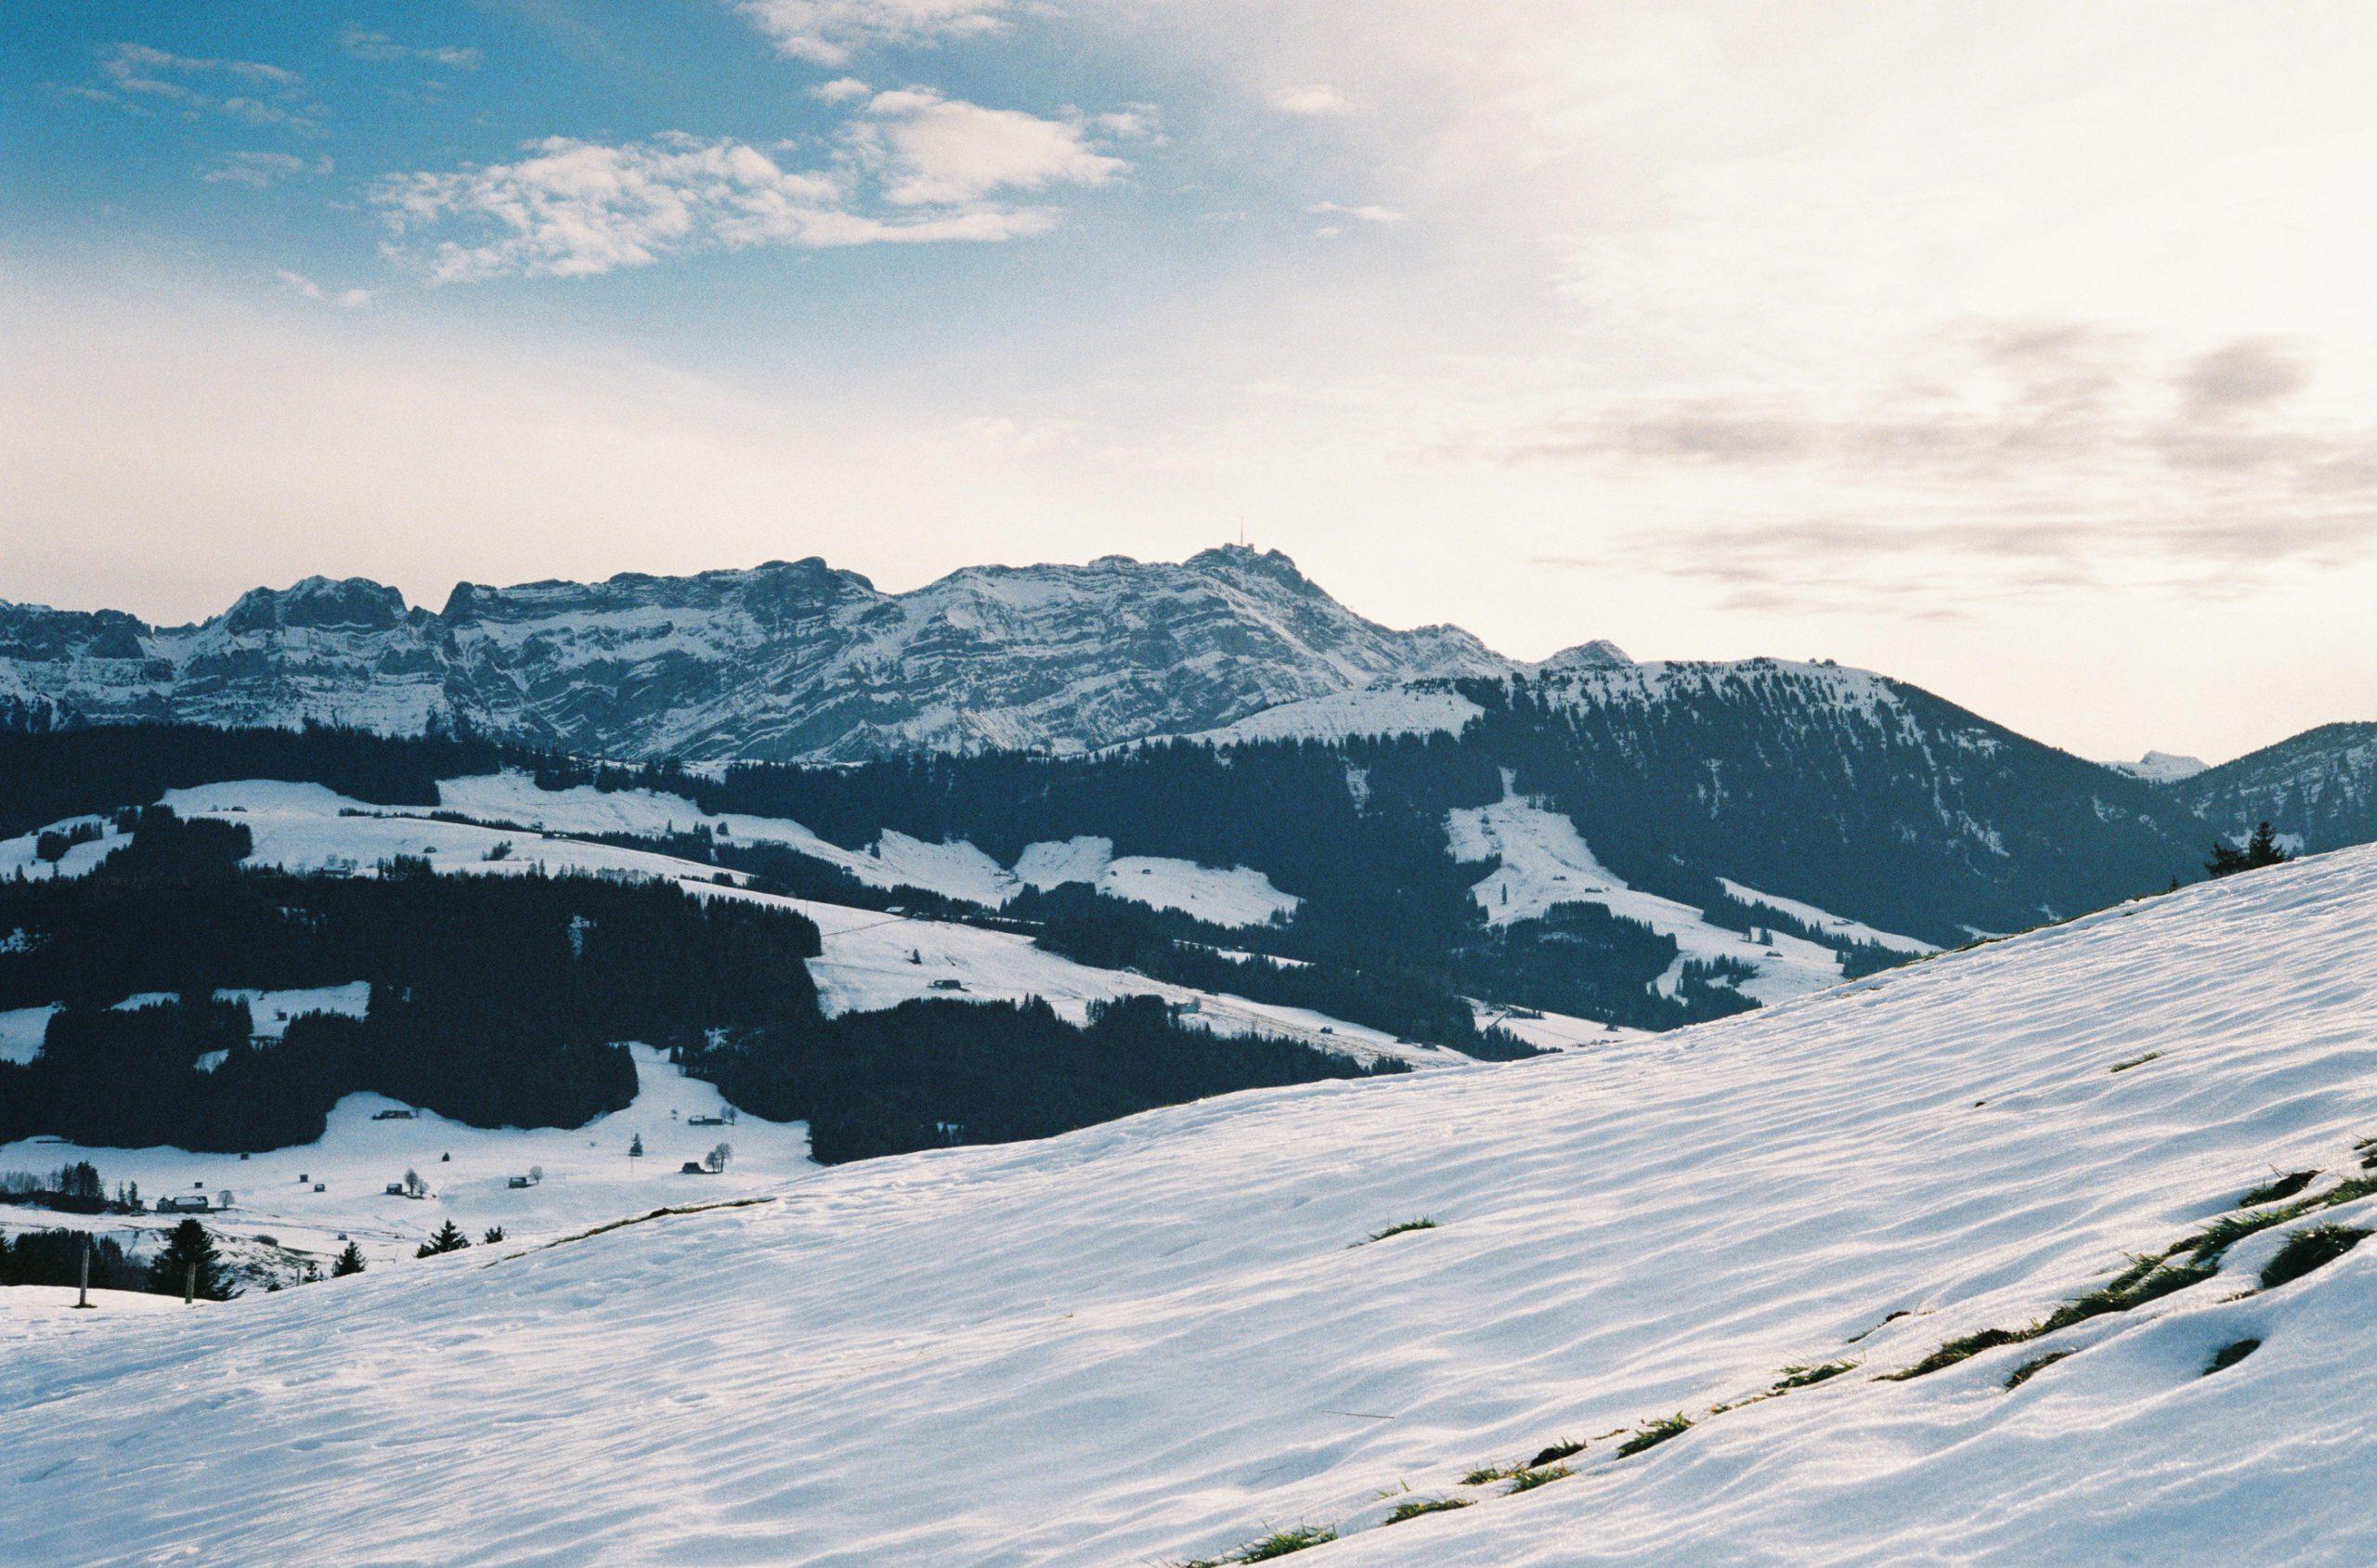 Der Säntis, unser Hausberg und Orientierungspunkt südlich des Bodensees. Summicron-C 40/2 an Leica CL. Fujifilm C200